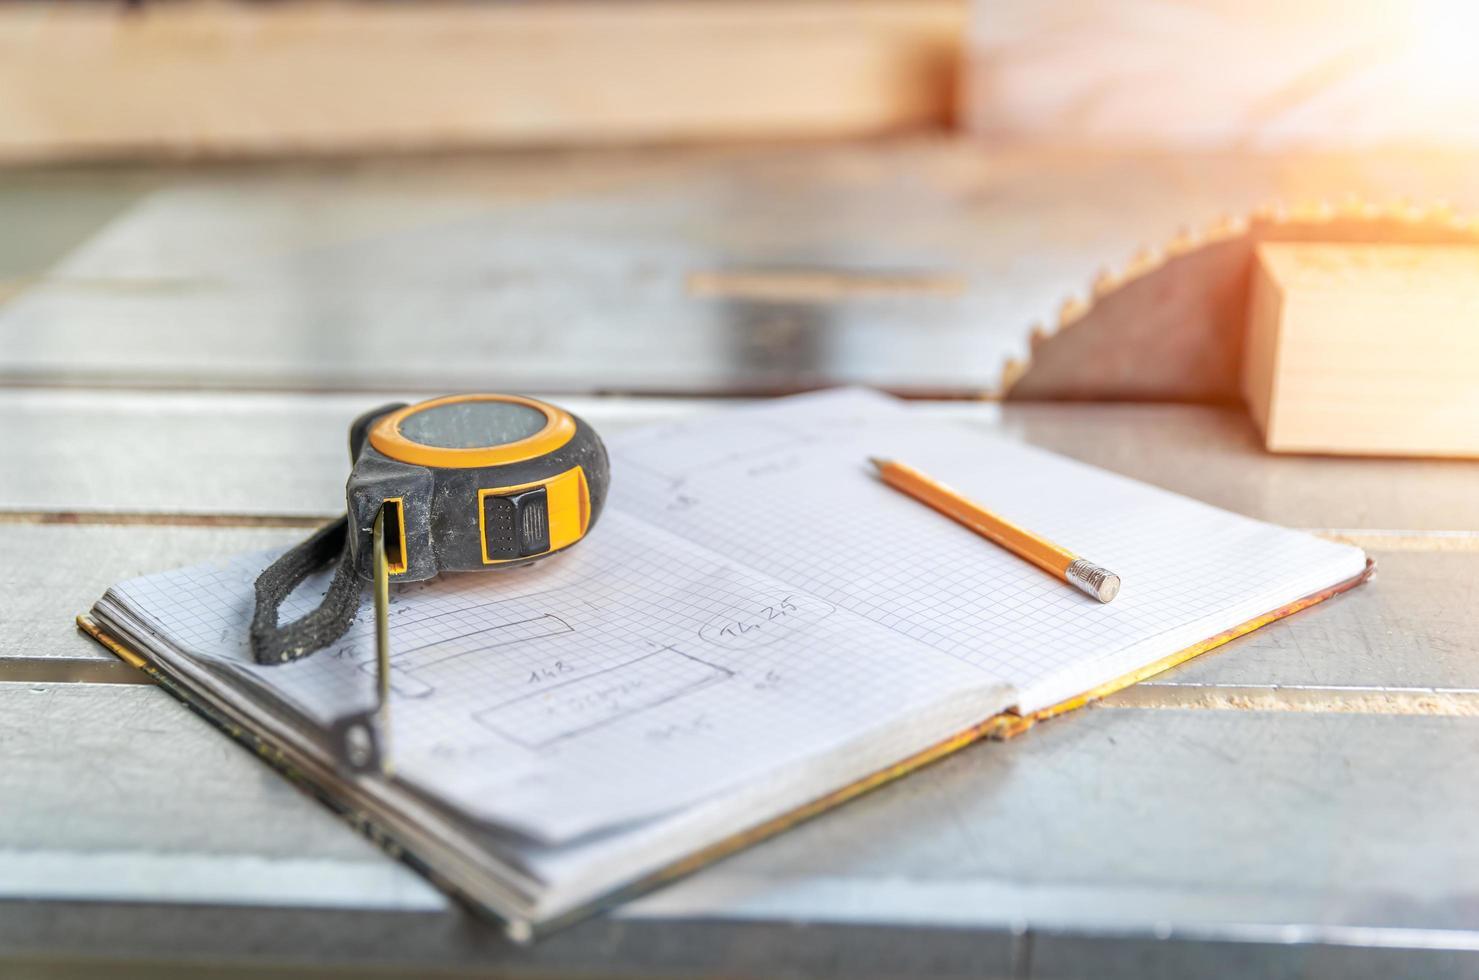 snickeriverktyg på en arbetsbänk foto